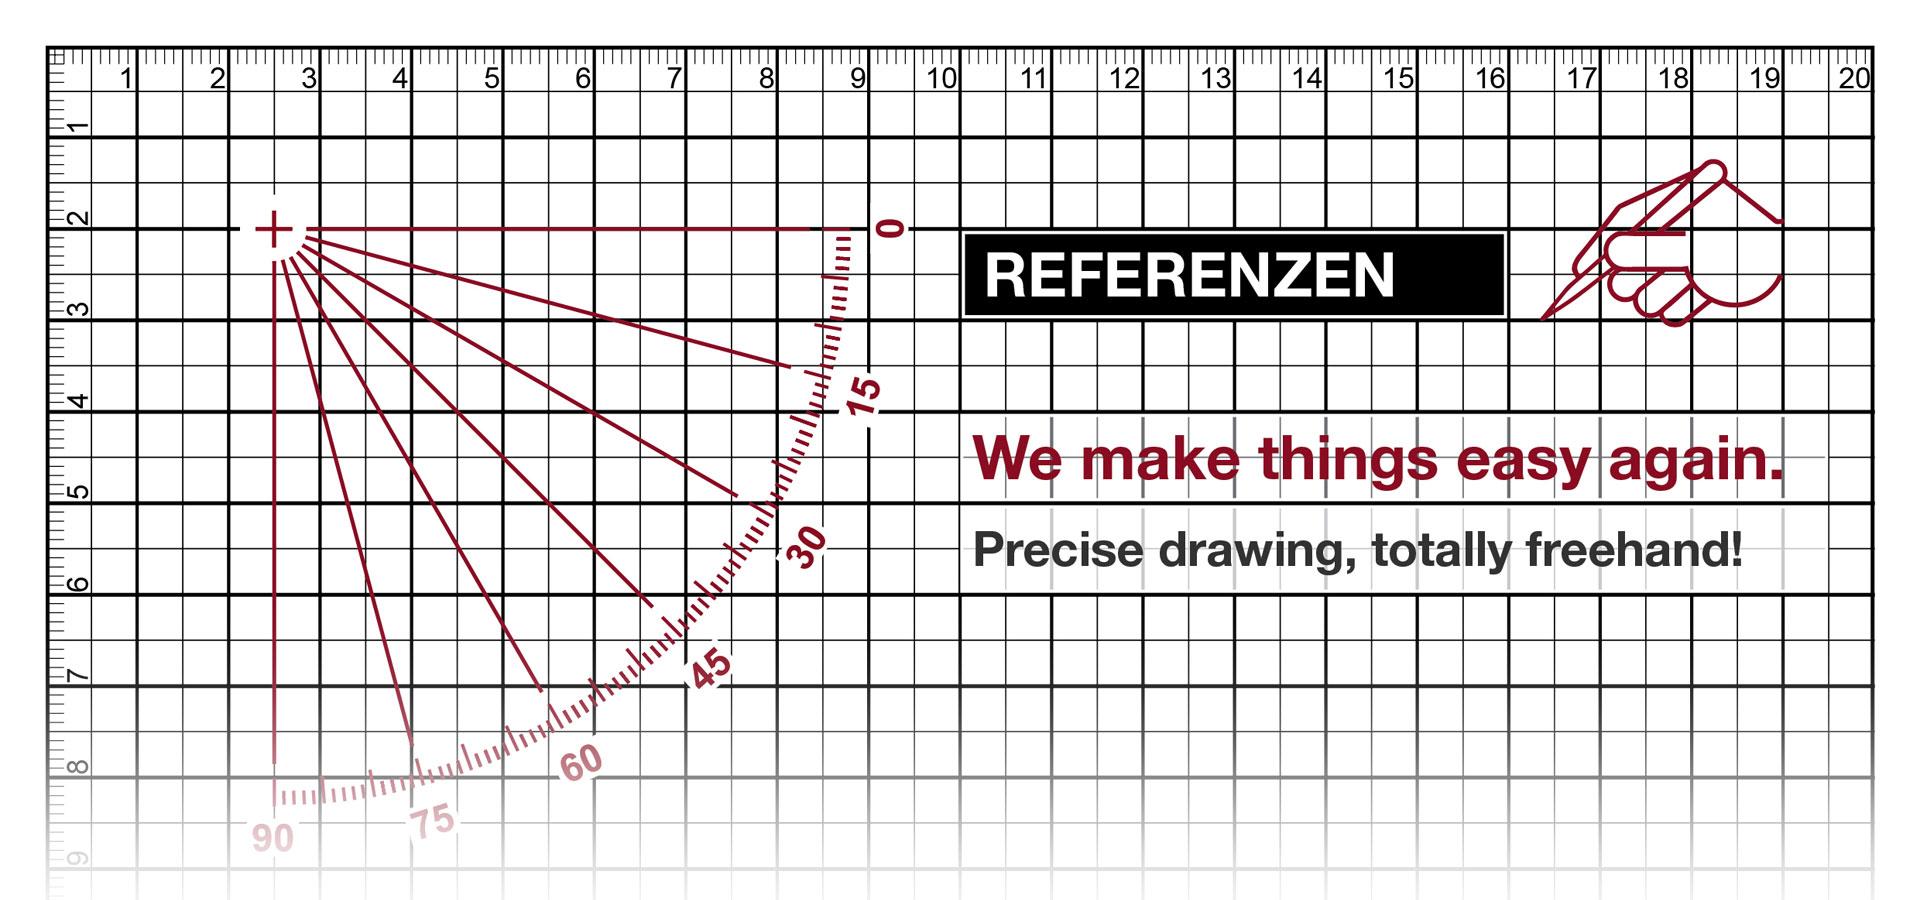 Freehand-header-referenzen-web60